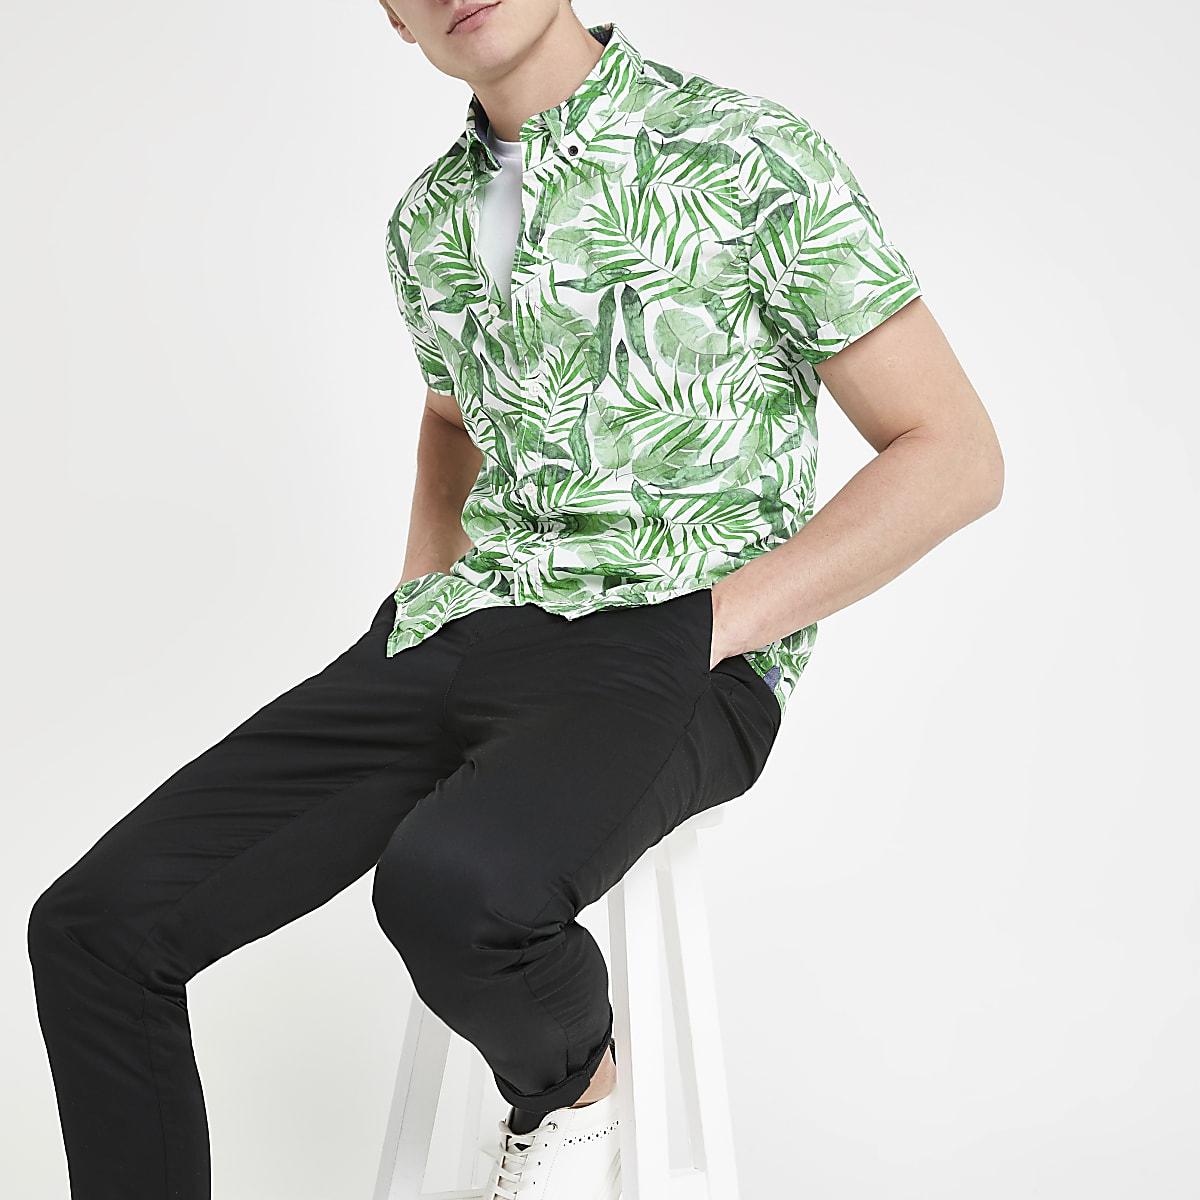 Pepe Jeans - Groen kort overhemd met tropische print